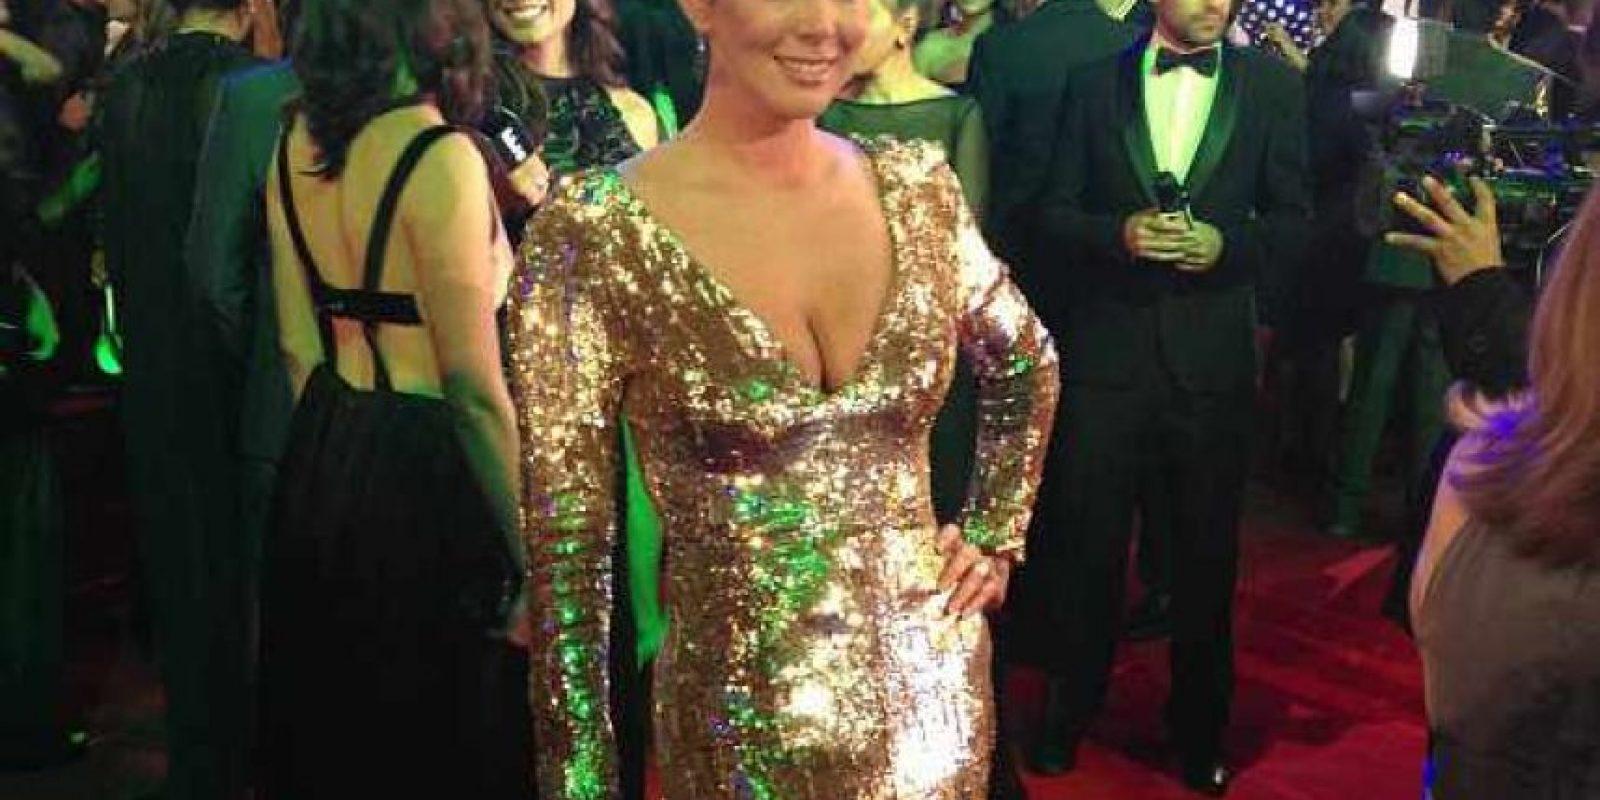 La combinación de peinado y vestido de Maritza Rodríguez, por un momento, me recordaron a las mujeres de 'Mad Men' cuando están de fiesta. Pero el excesivo brillo terminó por referenciar más a la época de fastuosidad de los años 80, muy acorde con sus divas hispanoamericanas. Foto:E! Online Latino/Instagram